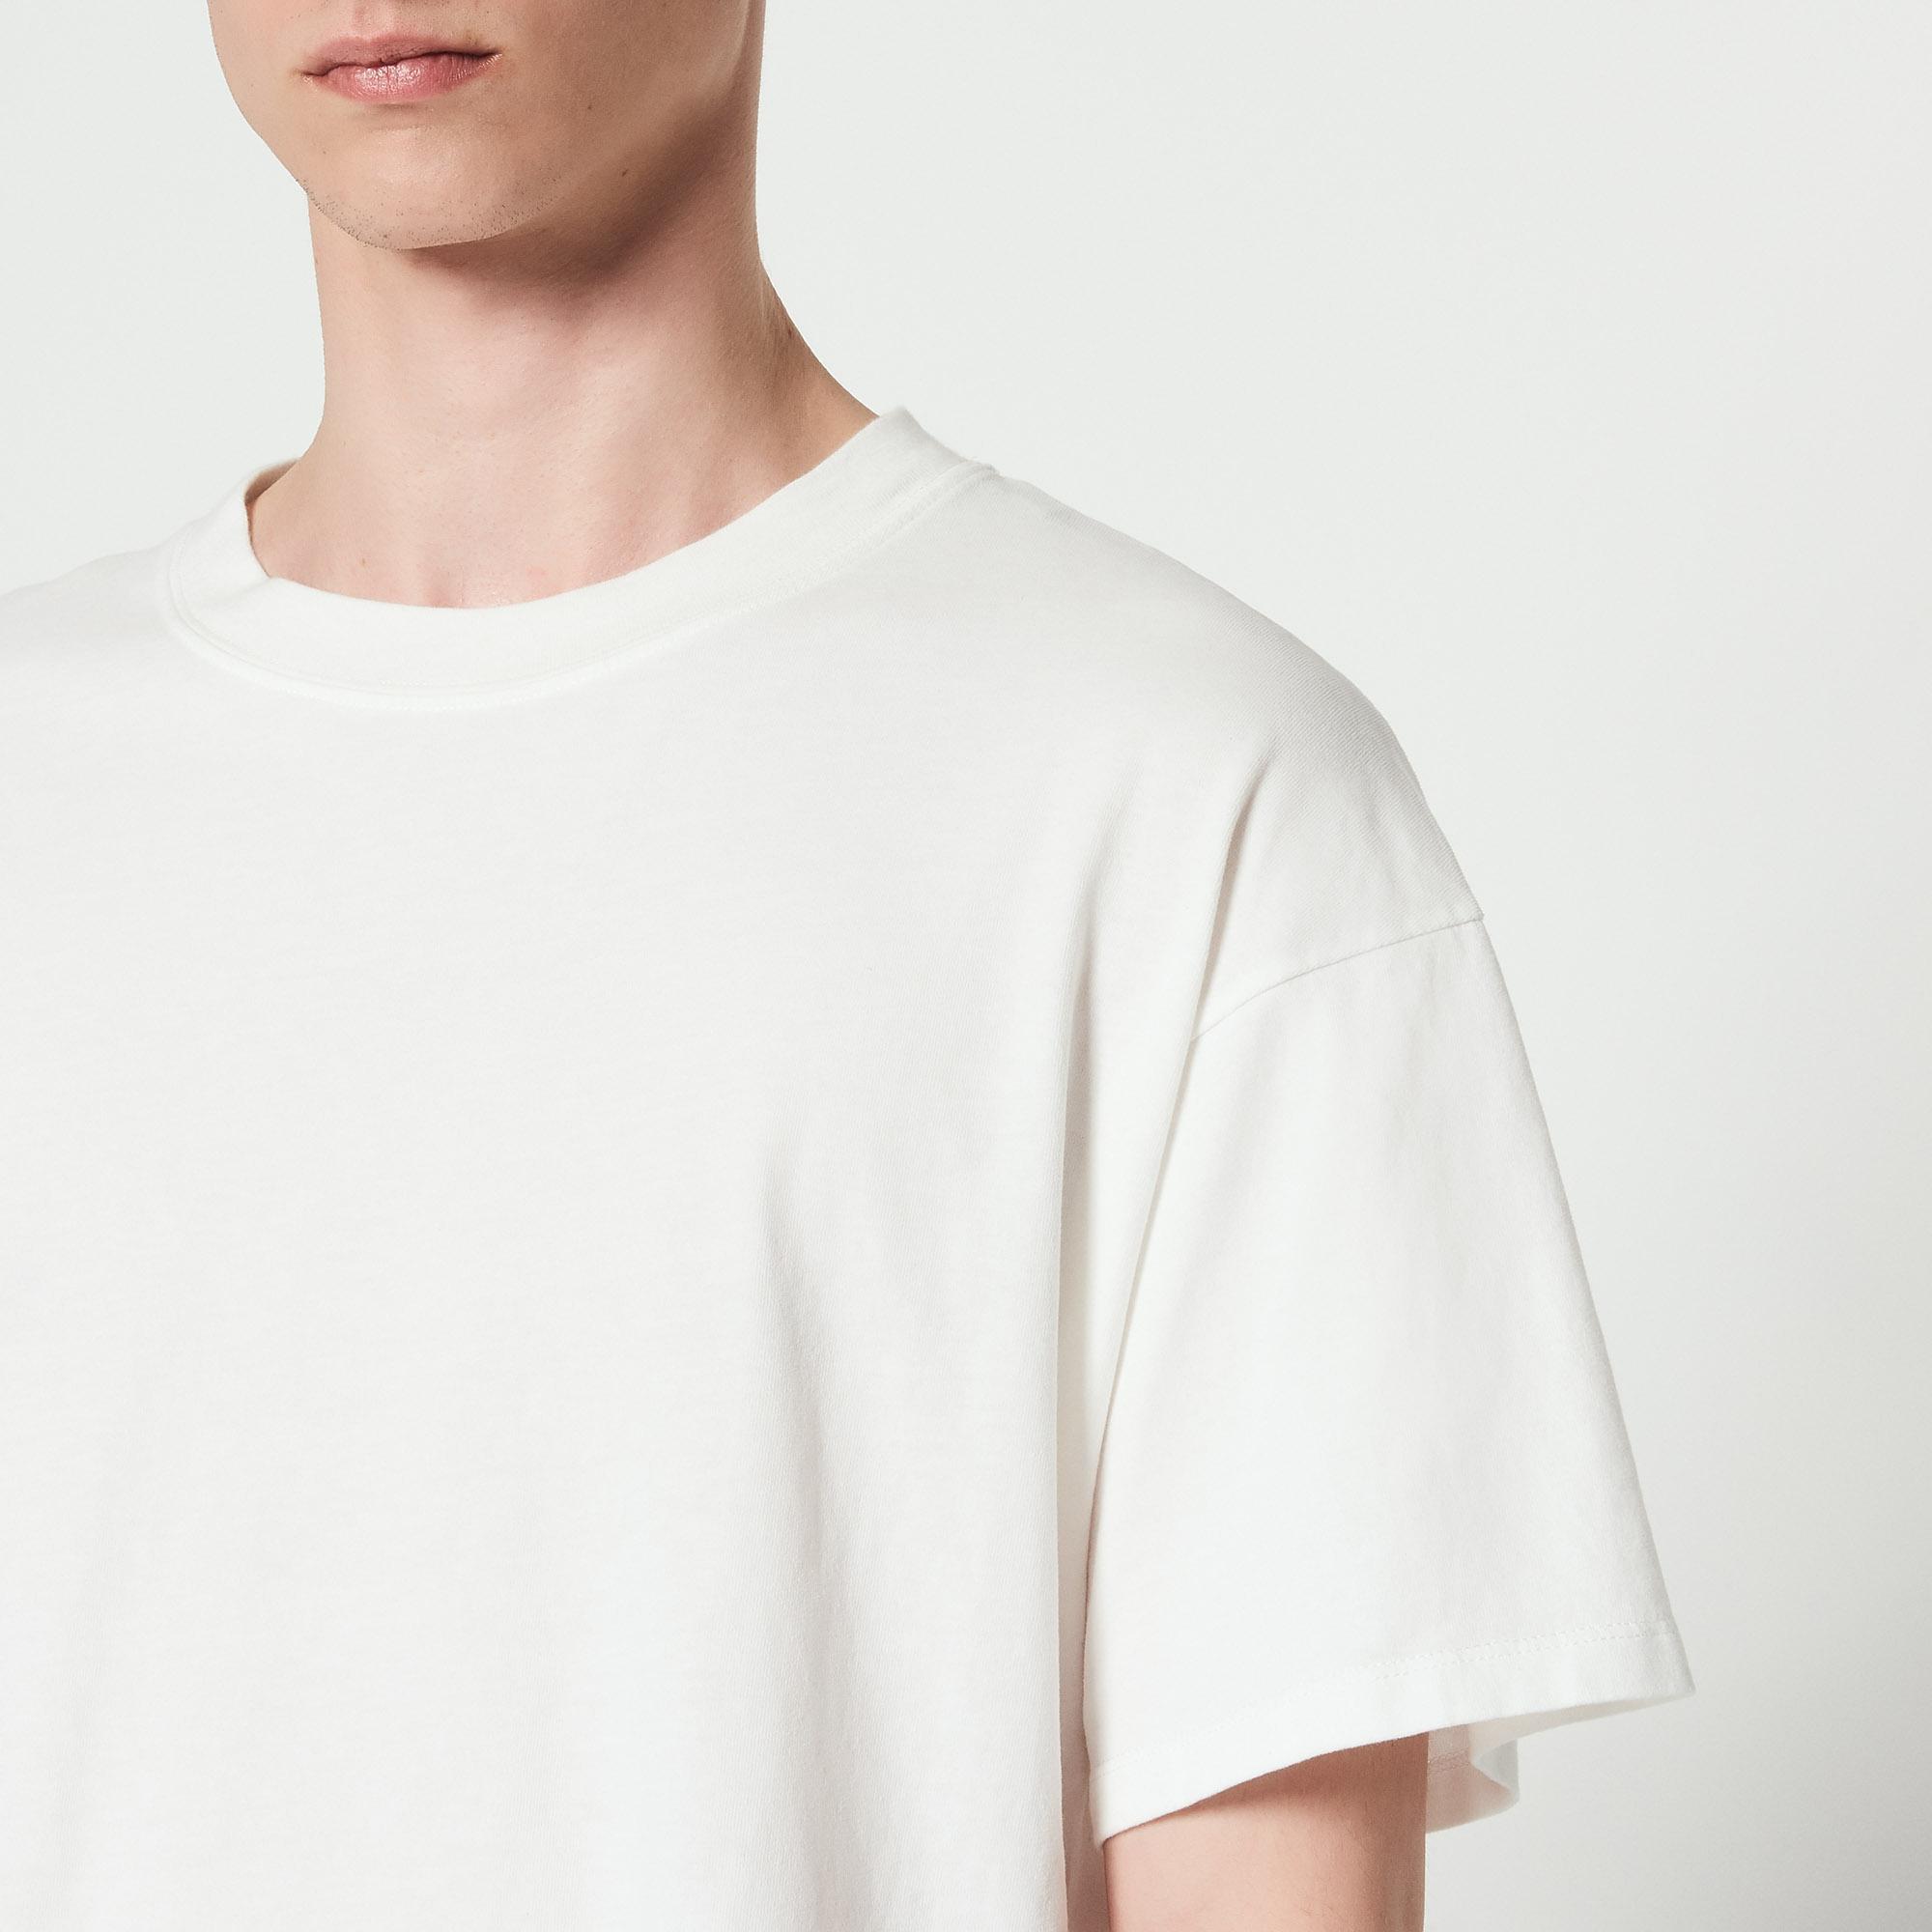 T-Shirt mit Einsatz Sandro GBZhLQPUJp